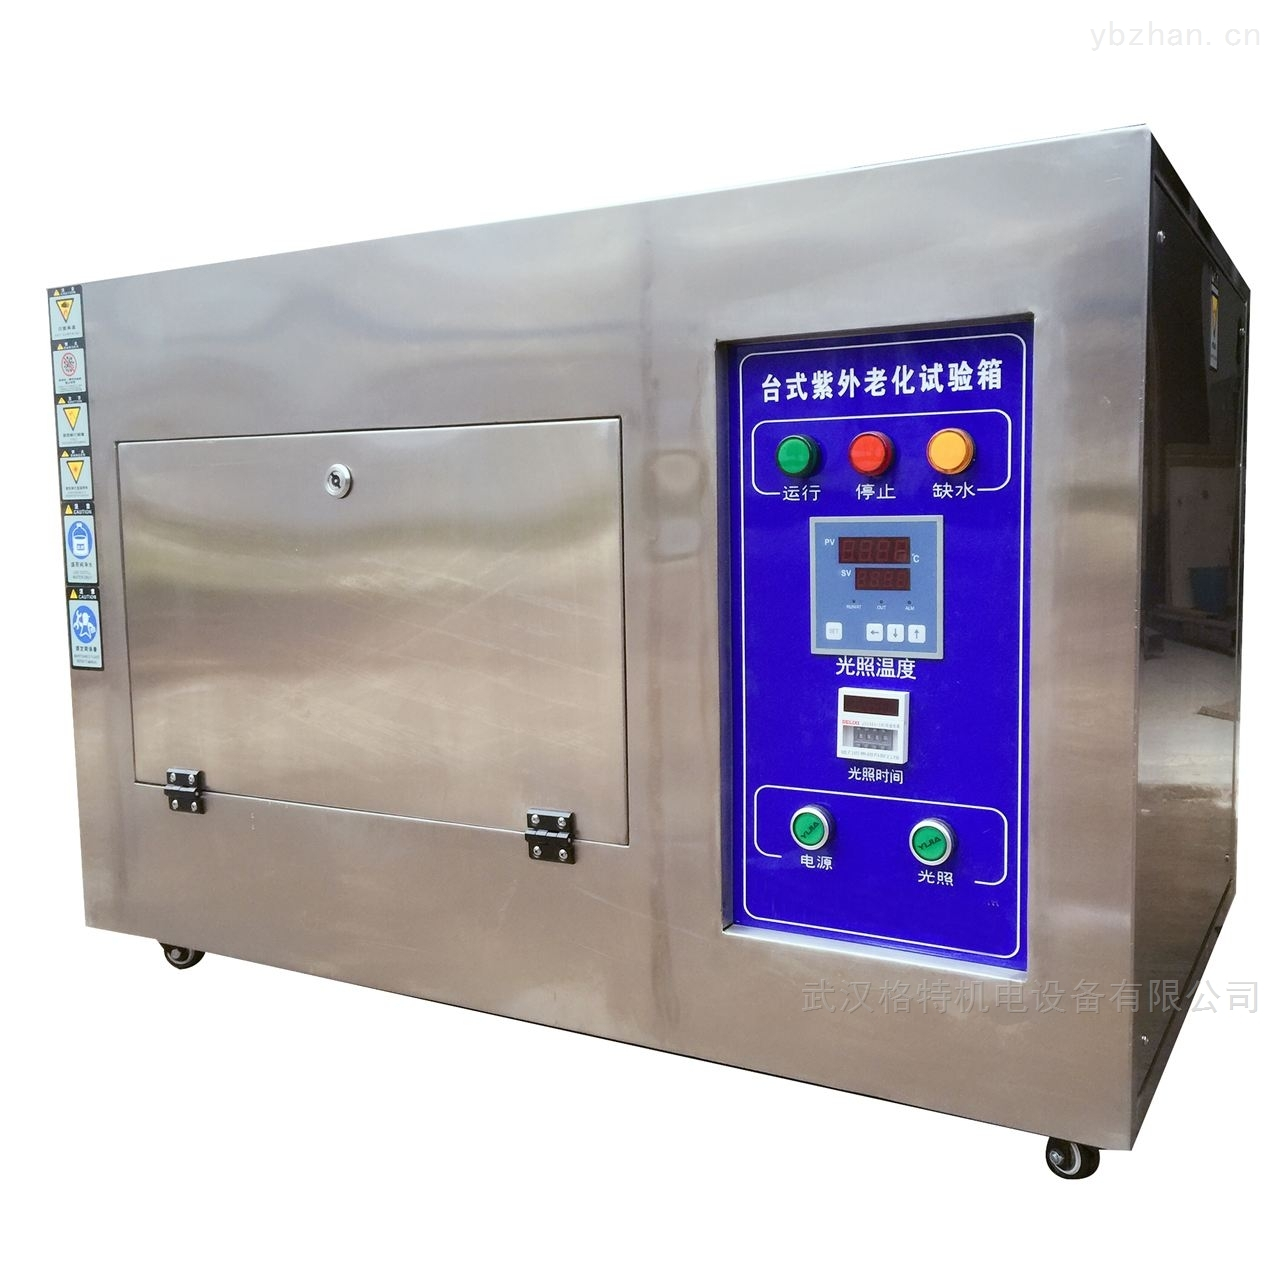 采购标准紫外老化试验箱